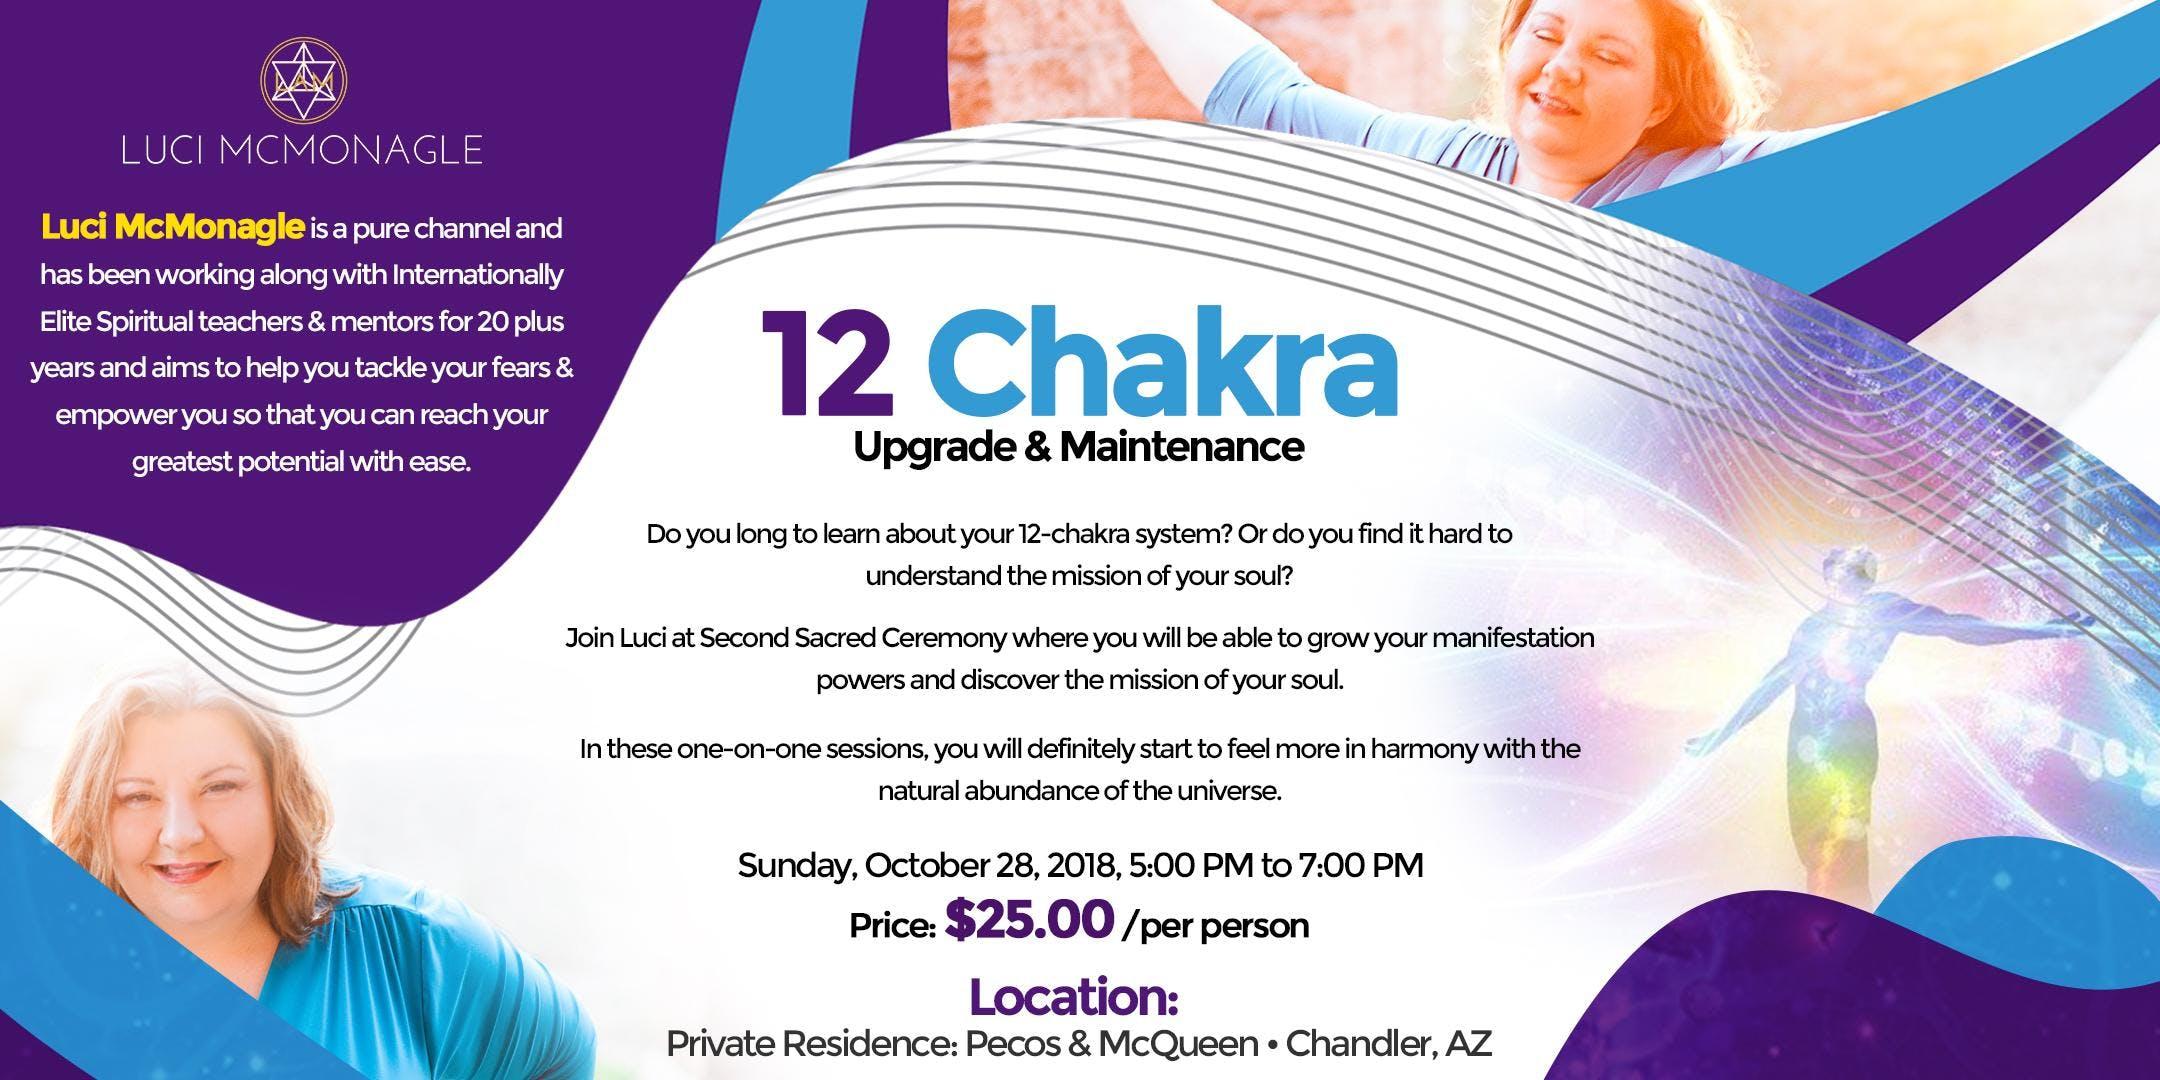 12 Chakra Upgrade & Maintenance